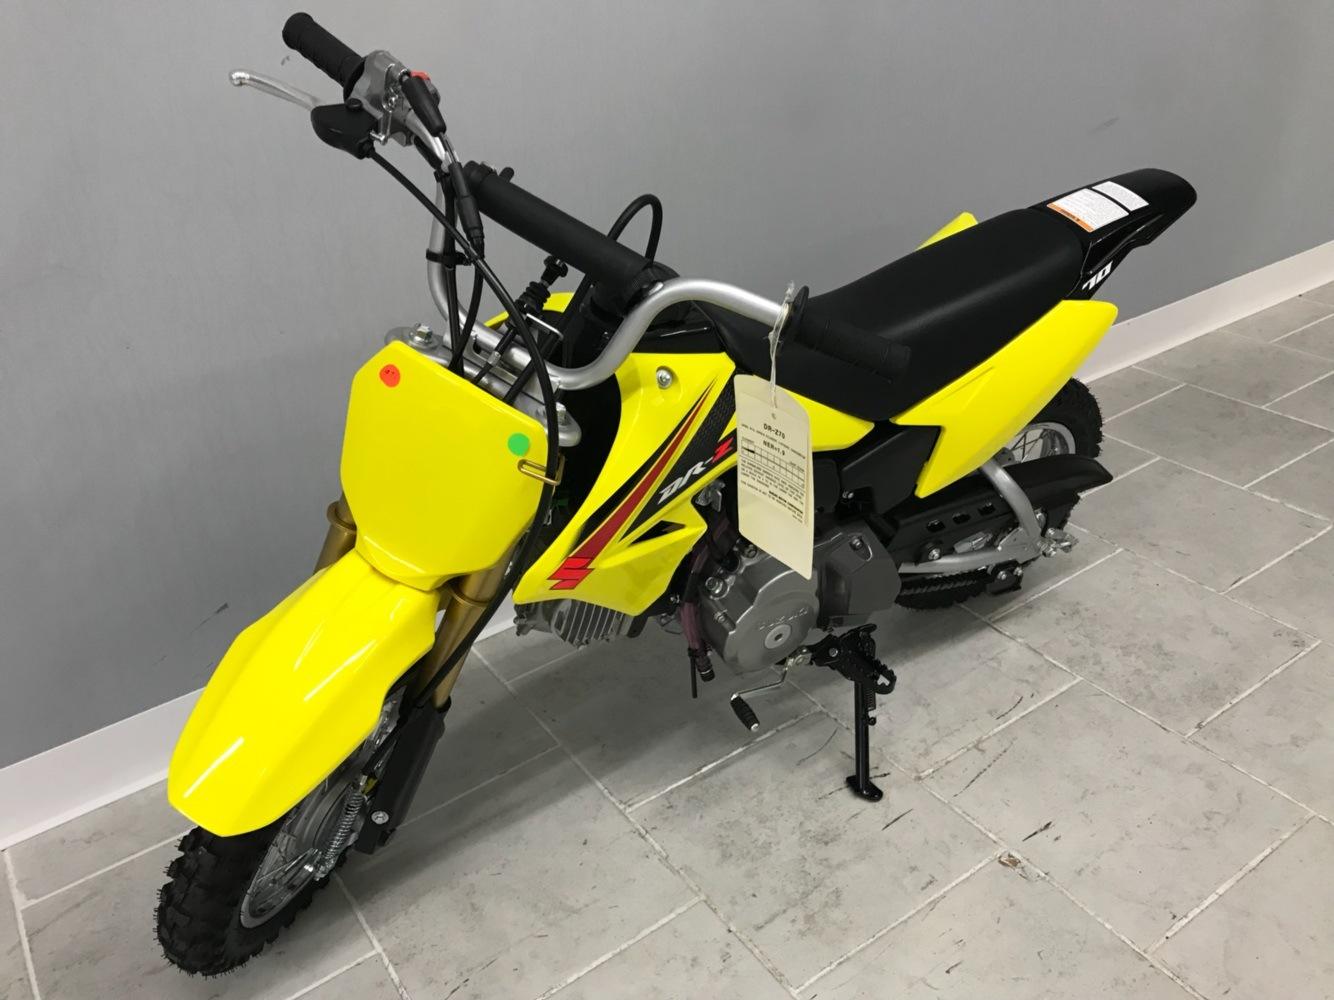 2017 Suzuki DR-Z70 4